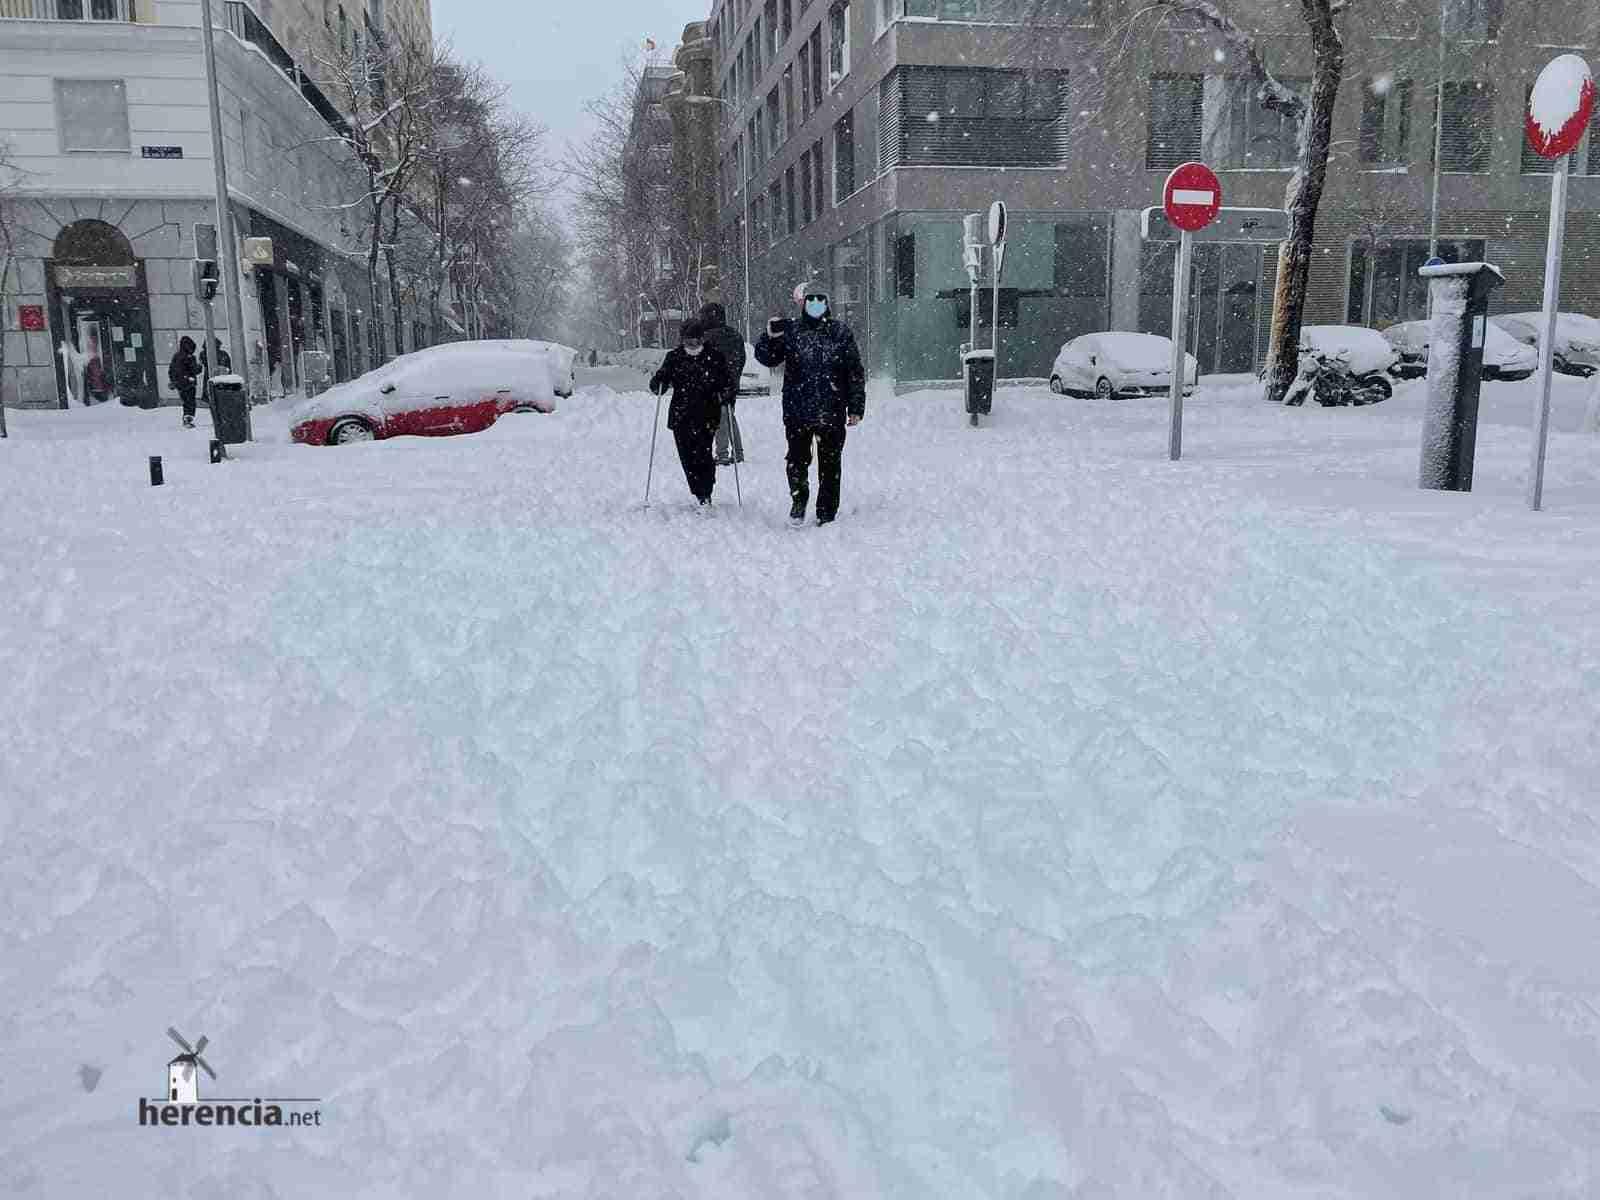 Fotografías de la nevada de enero en Madrid (España) 122